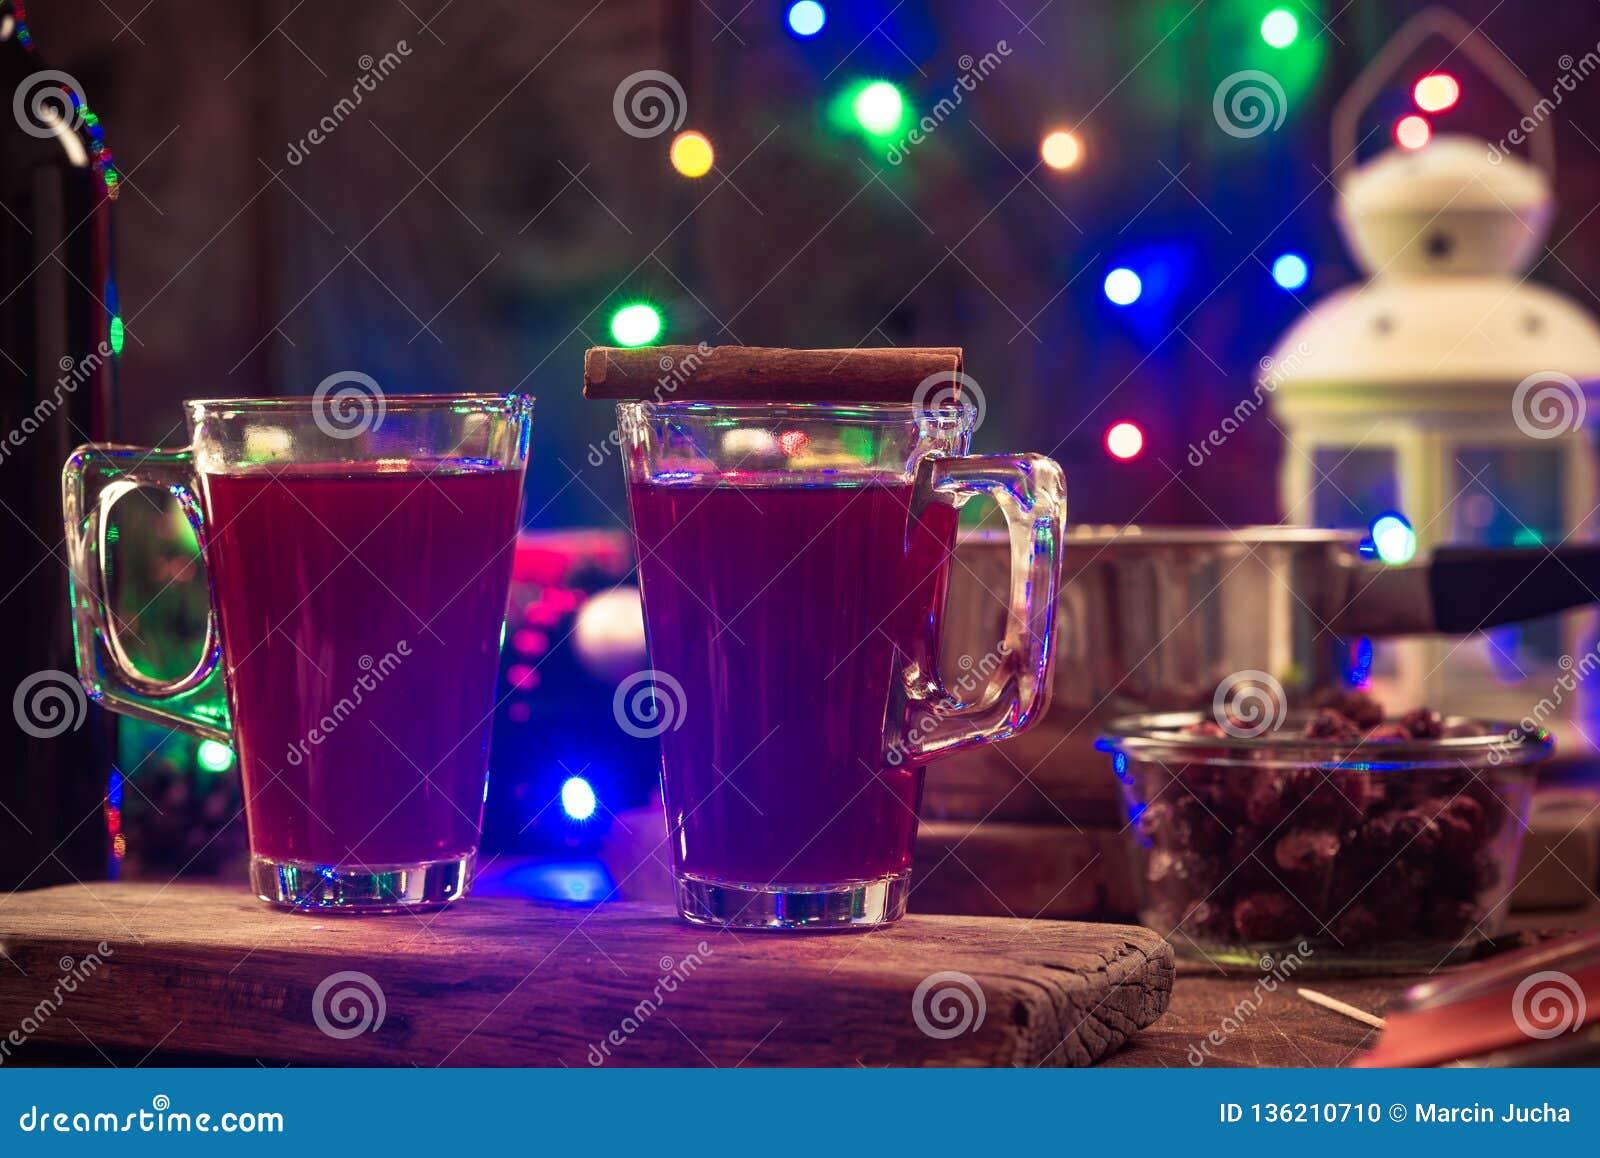 Vino reflexionado sobre festivo, fiesta de Navidad